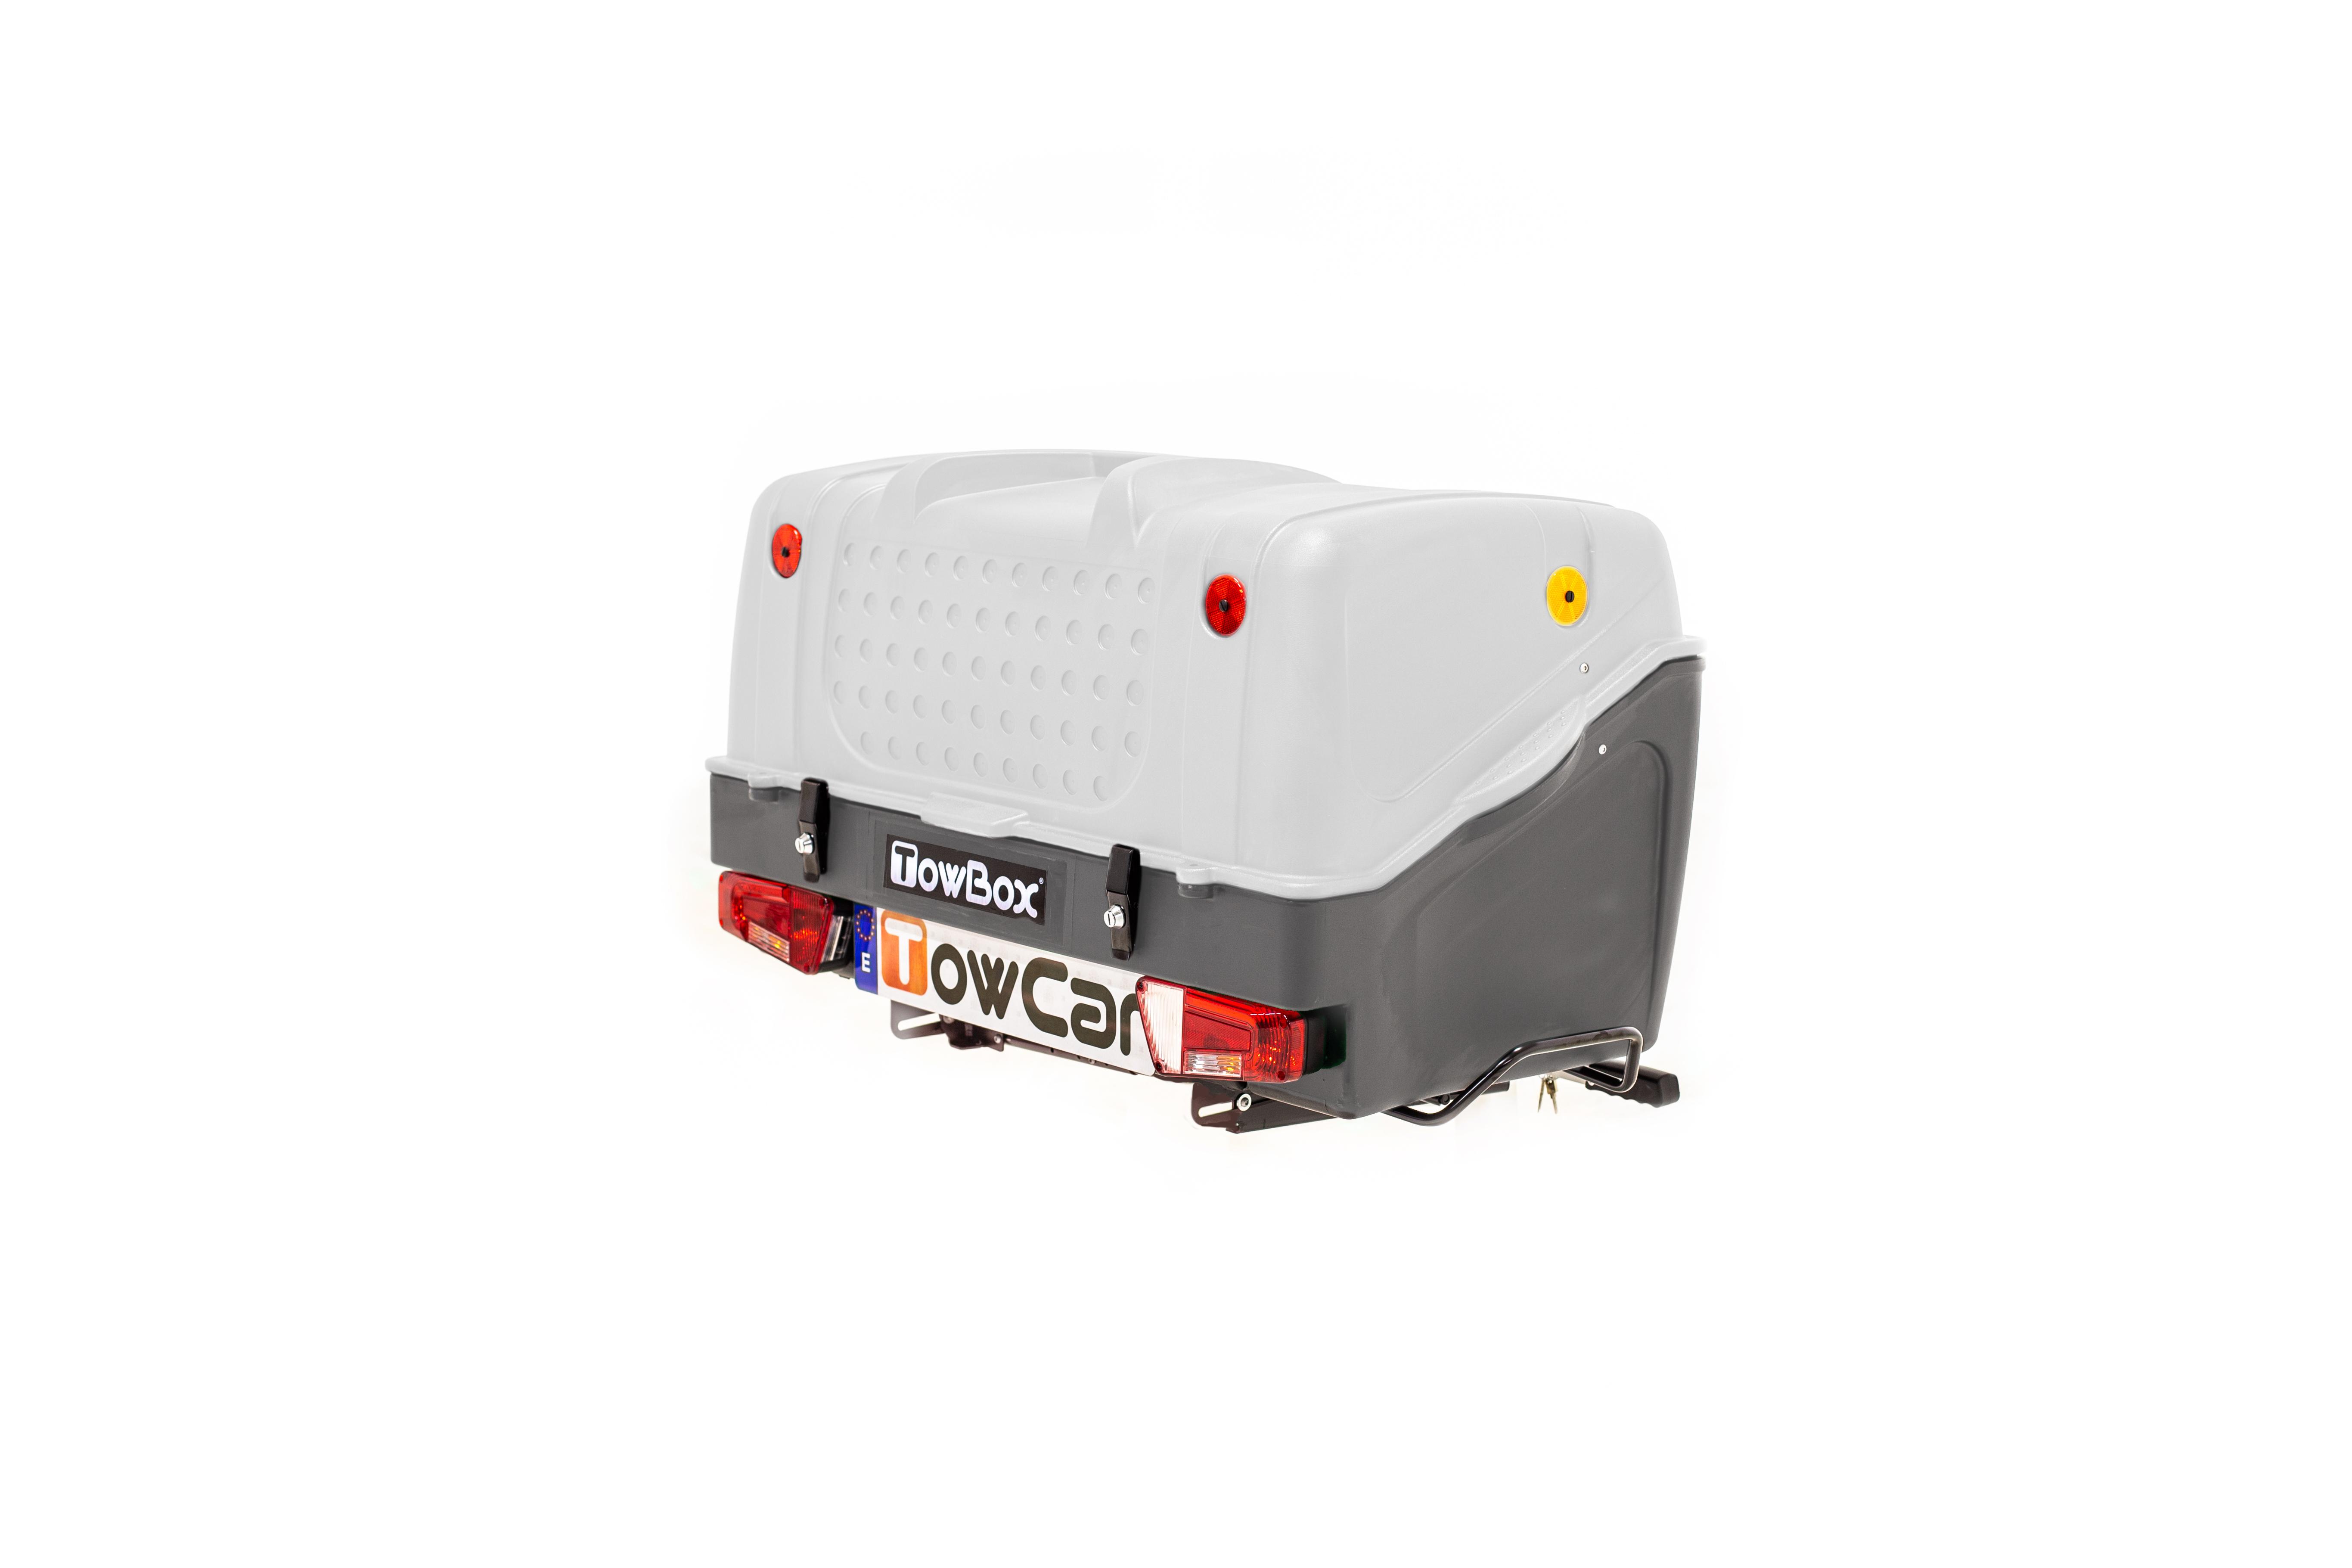 Towbox V1 Gris Towcar